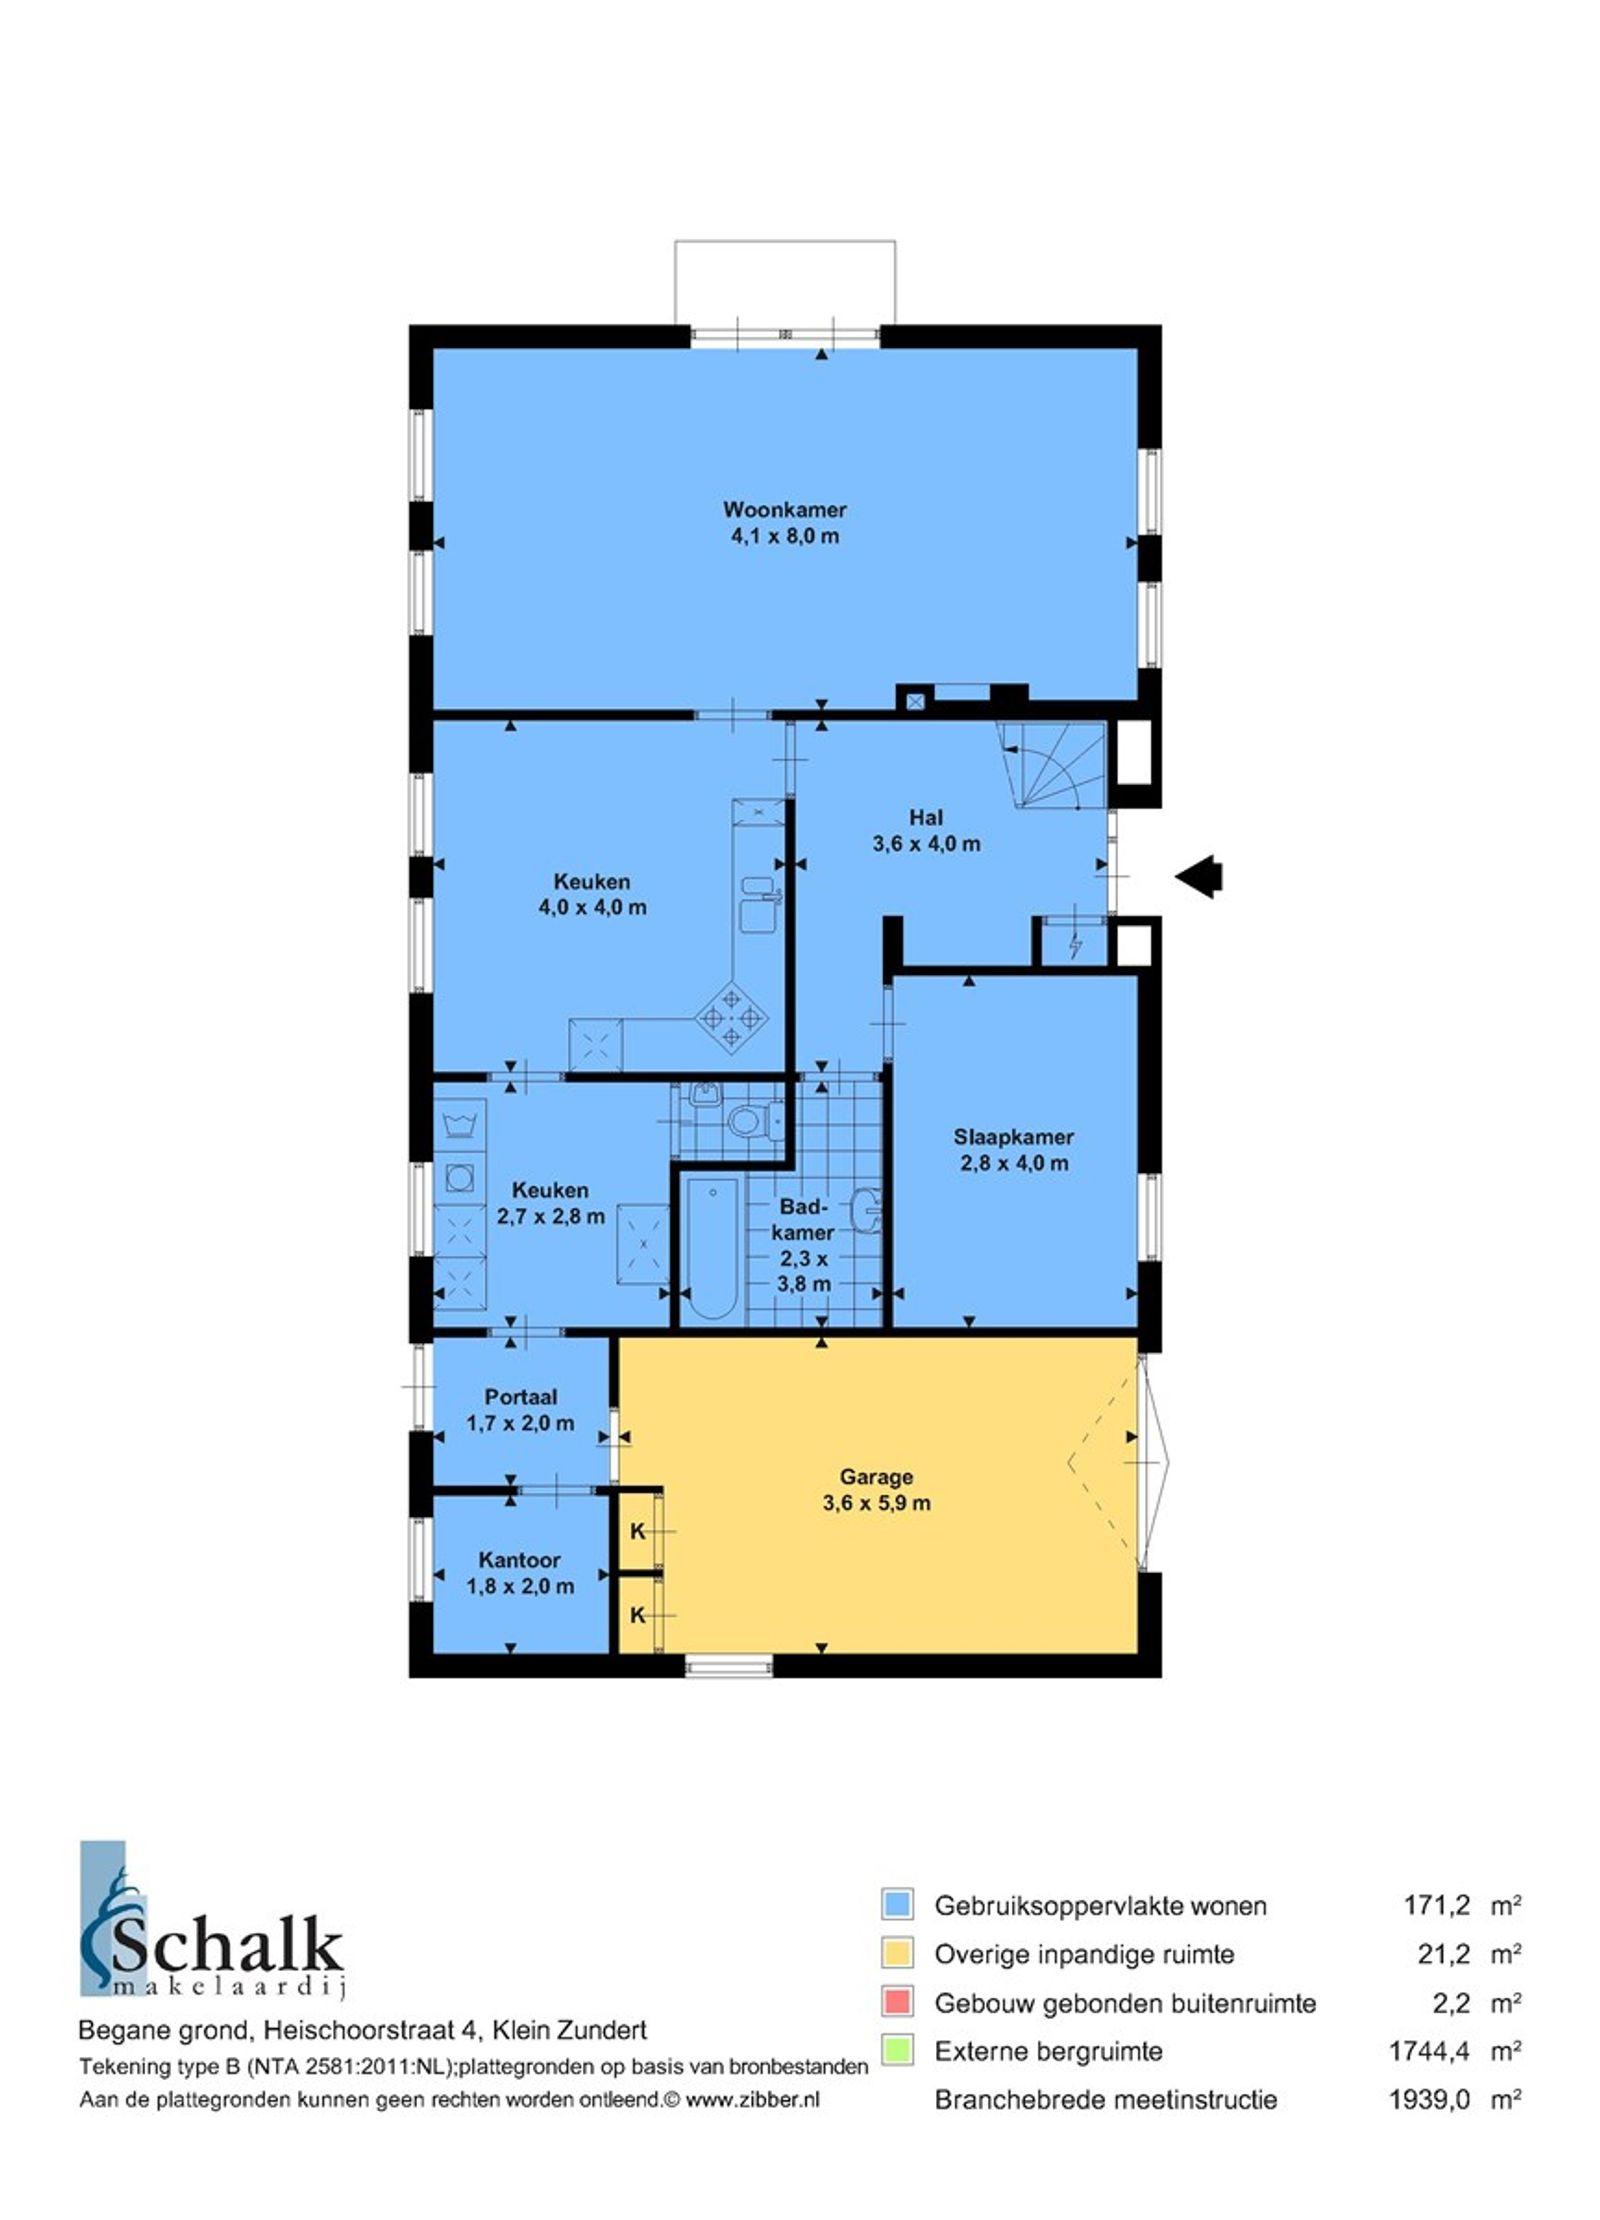 Uitermate geschikt voor het stallen van campers! -AGRARISCHE BESTEMMING- In het buitengebied van Zundert, in de nabijheid van het grote natuur- en wandelgebied -De Pannenhoef- staat deze vrijstaande woning met een inpandige bereikbare garage en diverse bijgebouwen op een perceel van 9.725 m² . De omgeving kenmerkt zich door een open landschap en weidse uitzichten. Het dorp Zundert heeft gevarieerde winkel-, horeca– en schoolvoorzieningen en een actief verenigingsleven.  Daarnaast beschikt dit object over een vergunning waarbij toestemming is verleend voor het overnachten/stallen van maar liefst 65 camper plaatsen.   De begane grond heeft o.a. een woonkamer, ruime woonkeuken, bijkeuken, kantoorkamer, slaapkamer en een badkamer. De eerste verdieping heeft vier slaapkamers en een doucheruimte.   Het behoort tot de mogelijkheden om het object met meer grond  2.29.15 ha aan te kopen. 0.97.25 ha - 2.29.15 ha = 3.26.40 (totale object).  De woning heeft een agrarische bestemming met functie aanduiding -museum-. Benieuwd naar de bestemmingsplanmogelijkheden?  Informeer naar de makelaar.   BEGANE GROND Entree/hal met toegang tot de woonkamer, keuken, slaacp– en badkamer.  Afwerking- tegelvloer, schoonmetselwerkwanden en een houten schroten plafond. Meterkast- 11 groepen, aardlekschakelaar en 1 krachtstroomgroep.  Slaapkamer (voorzijde) Afwerking- laminaatvloer, behangen wanden en een houten schroten plafond.  Ruime woonkamer met gashaard en openslaande tuindeuren. De ruimte biedt toegang tot de keuken.  Afwerking- tegelvloer, Spachtelputz wanden en een stucwerk plafond.  Dichte woonkeuken in hoekopstelling uitgerust met een betegeld aanrechtblad, 1 spoelbak, vaatwasser,  keramische kookplaat, schouw met afzuigkap, combimagnetron, koelkast en kastruimte. Vanuit de keuken is de bijkeuken bereikbaar. Afwerking- tegelvloer, Spachtelputz wanden en een stucwerk plafond.  Nette badkamer voorzien van een ligbad en wastafel.  Afwerking- tegelvloer, wandtegels en een kunststof delen pl